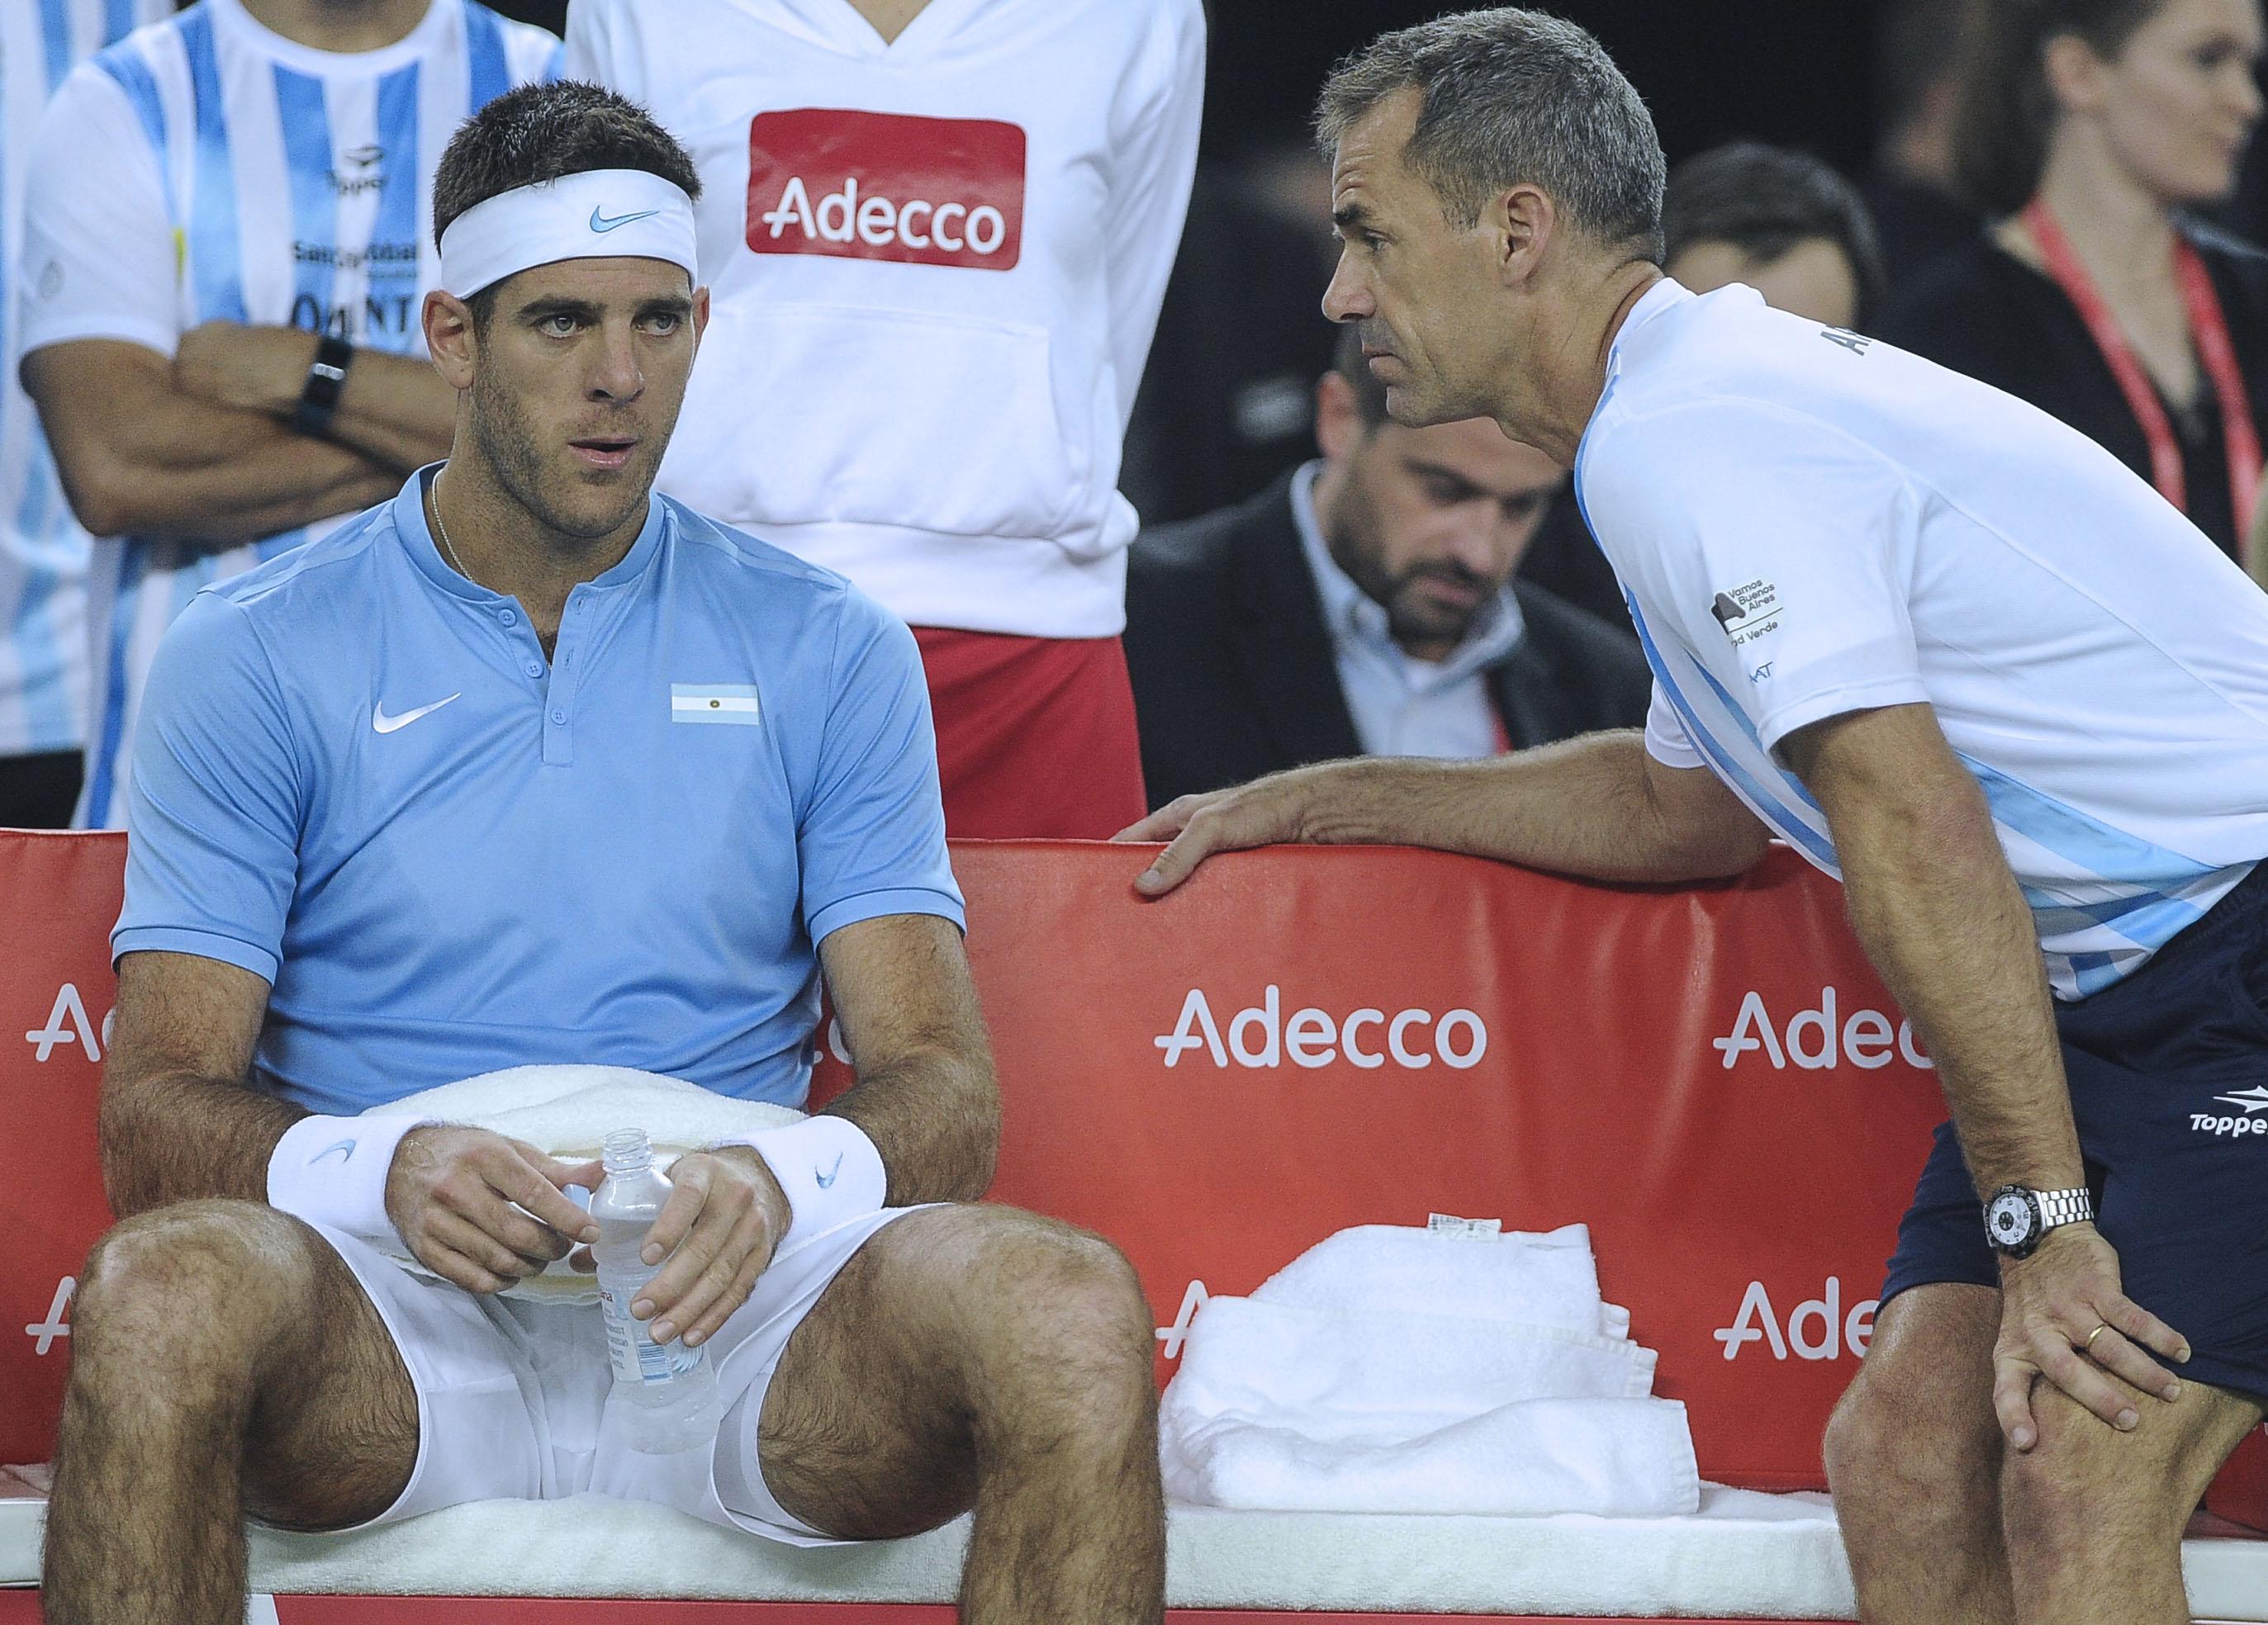 El tenista argentino descansando tras un peleado segundo set.